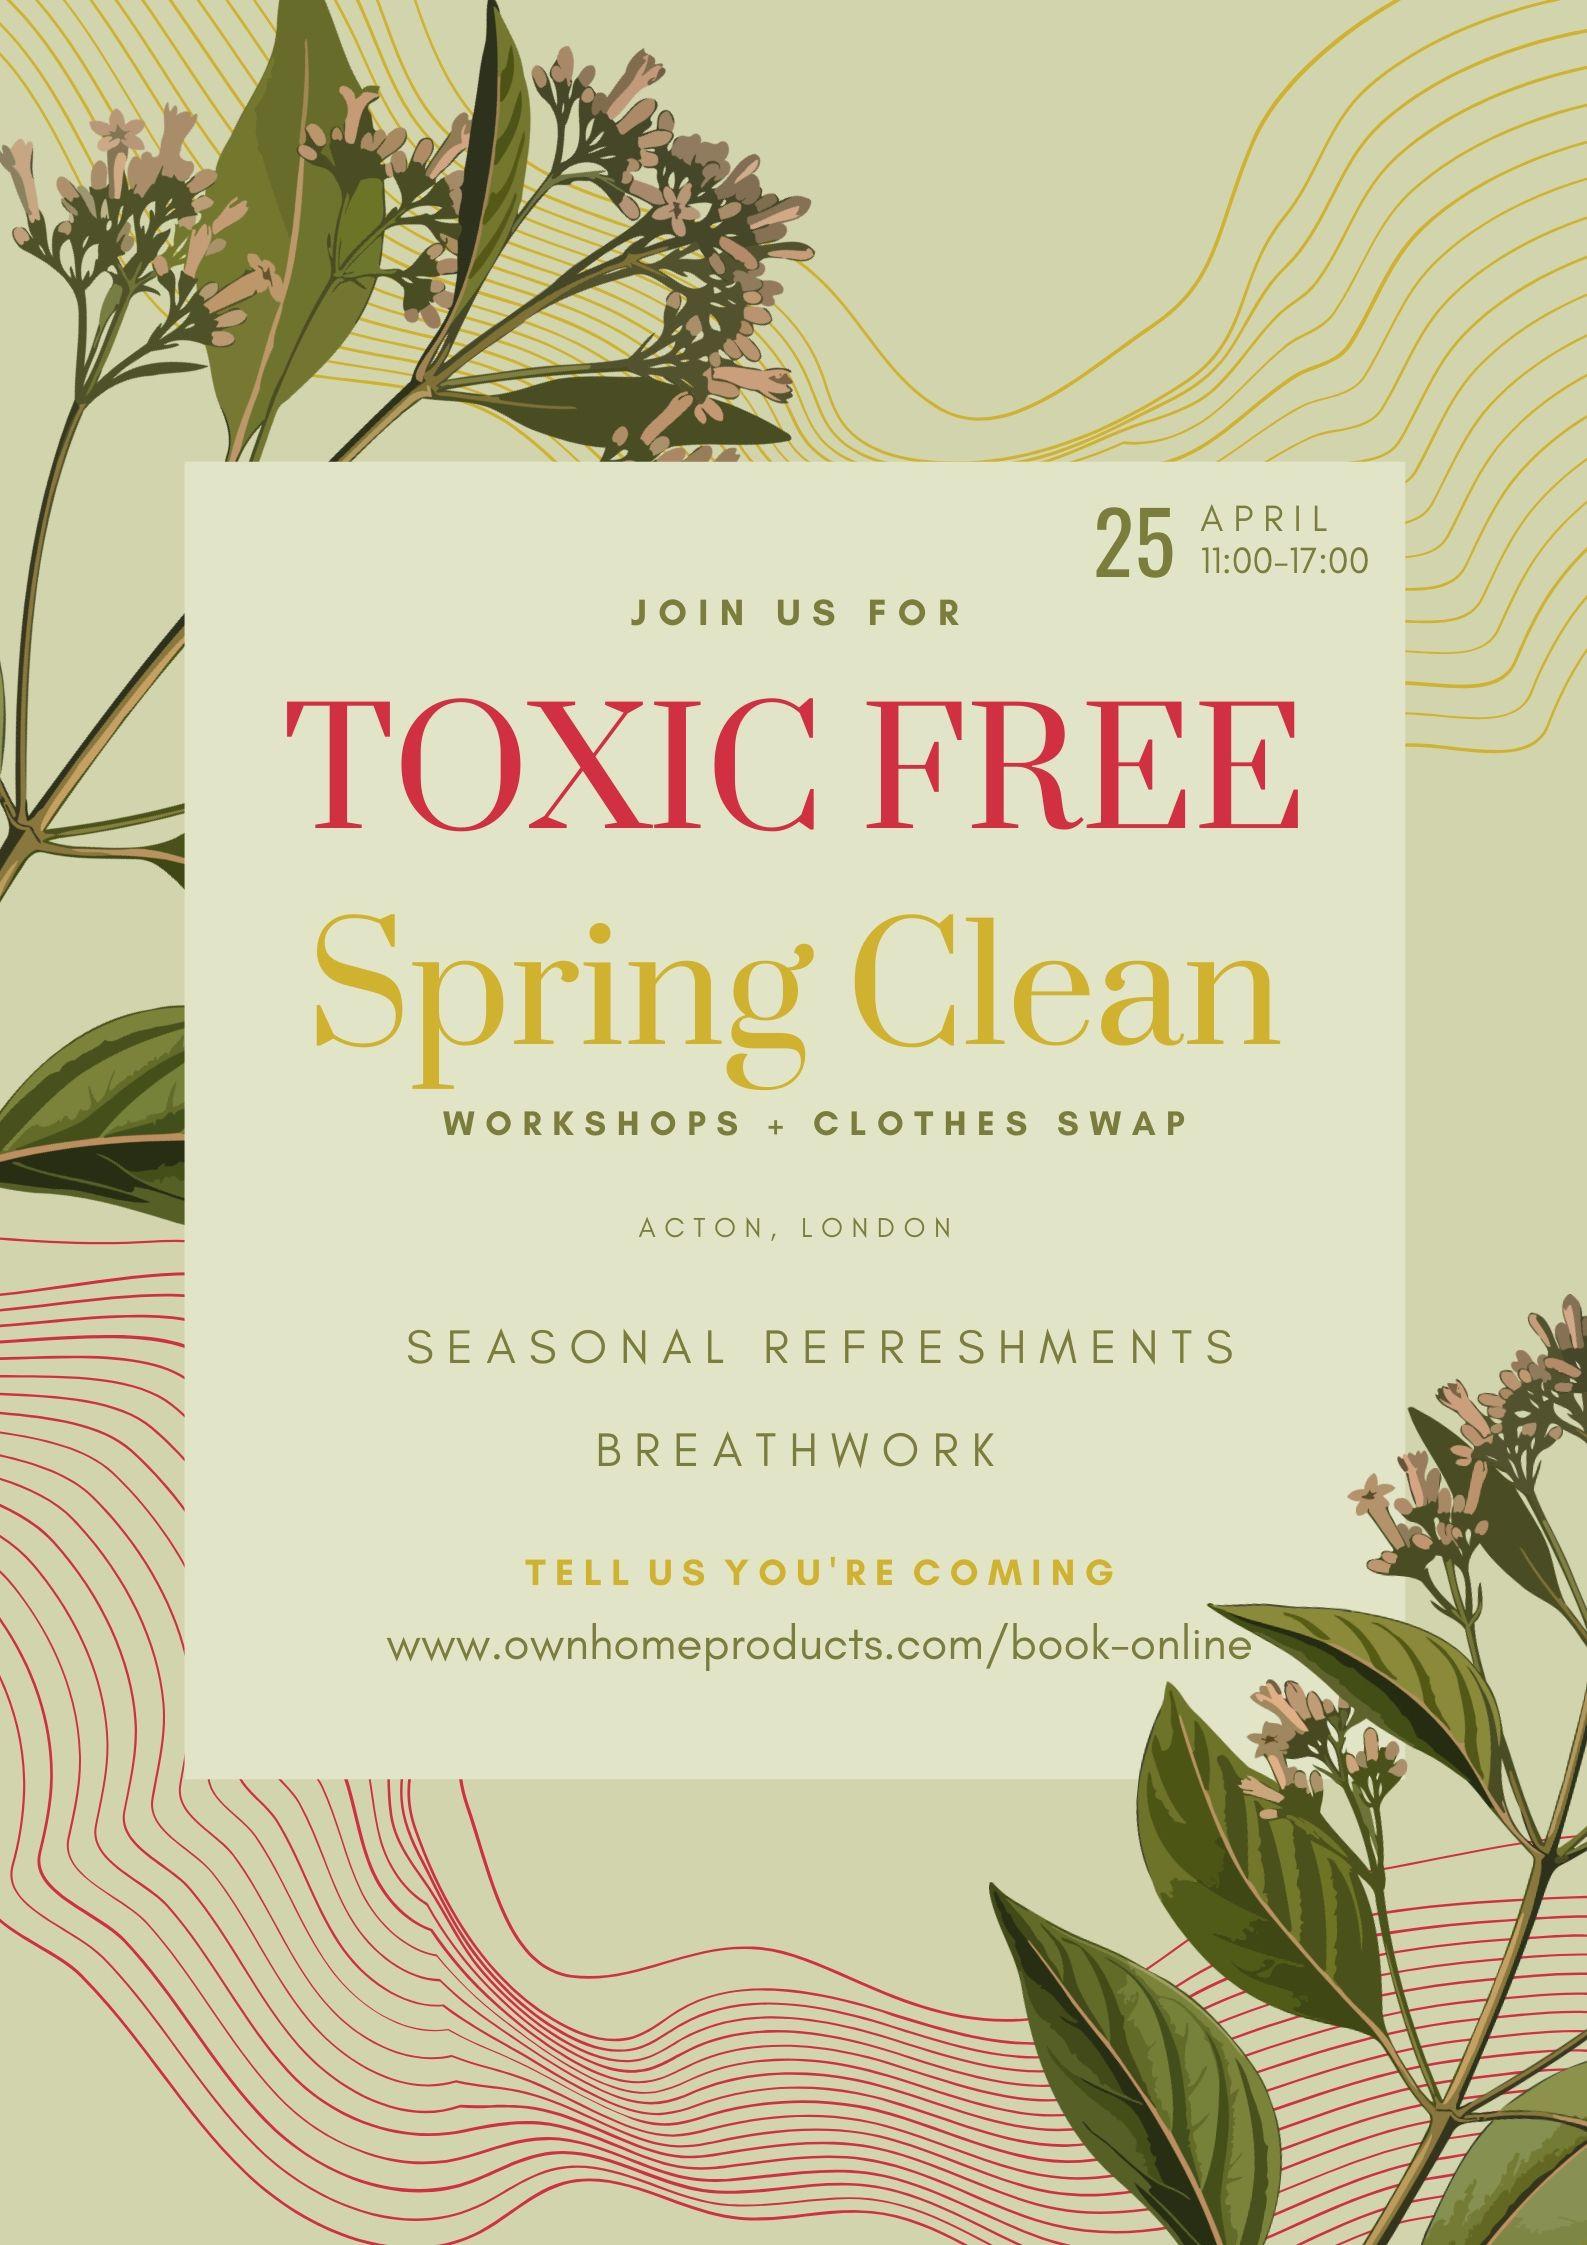 Spring Clean